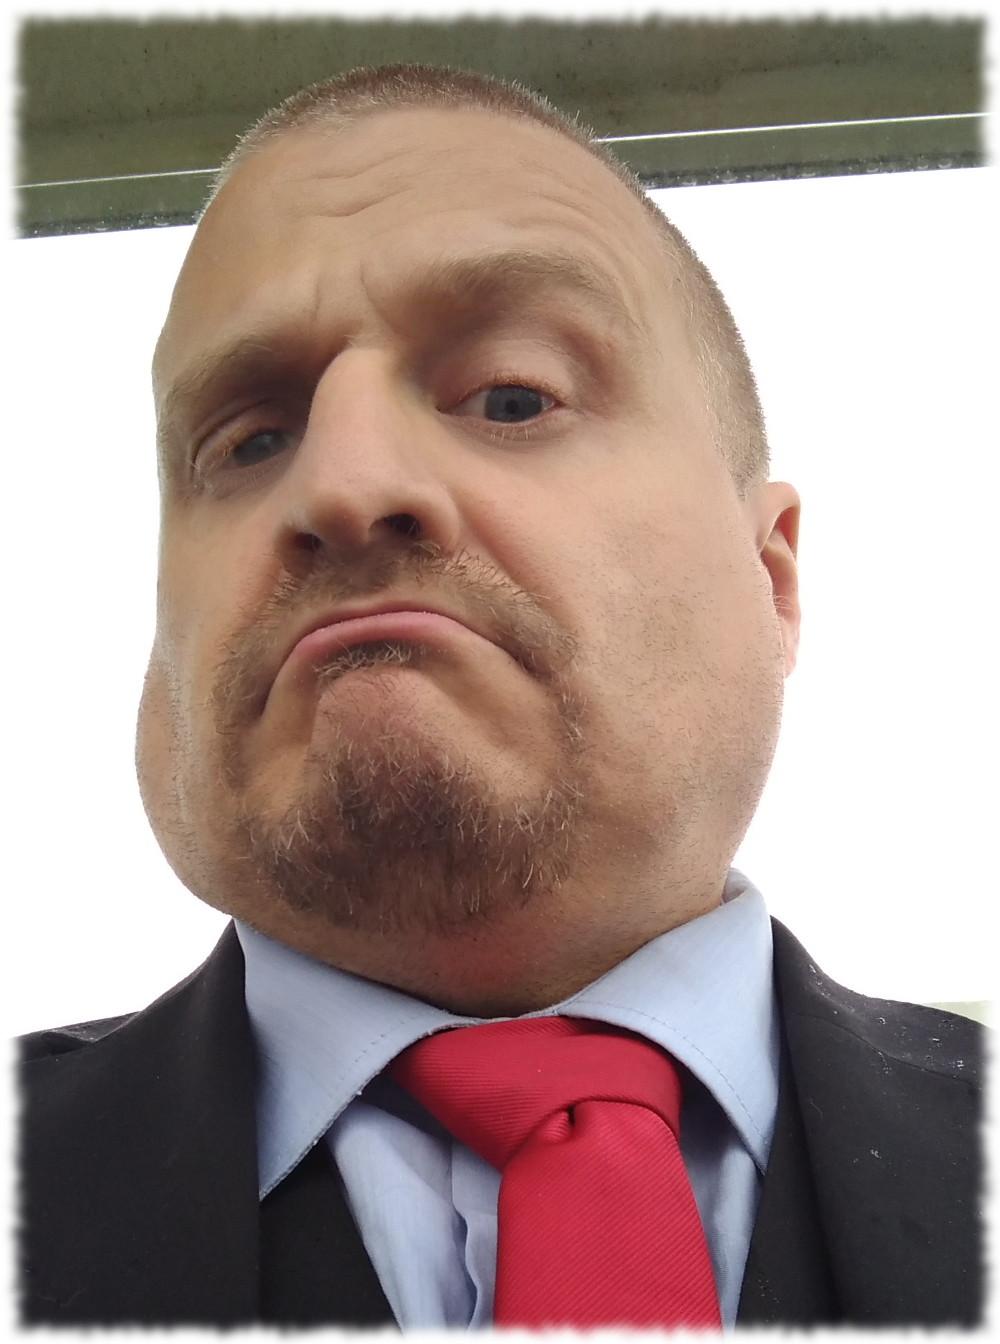 Im Anzug, blauem Hemd und roter Krawatte im Propagandaeinsatz für Die PARTEI.